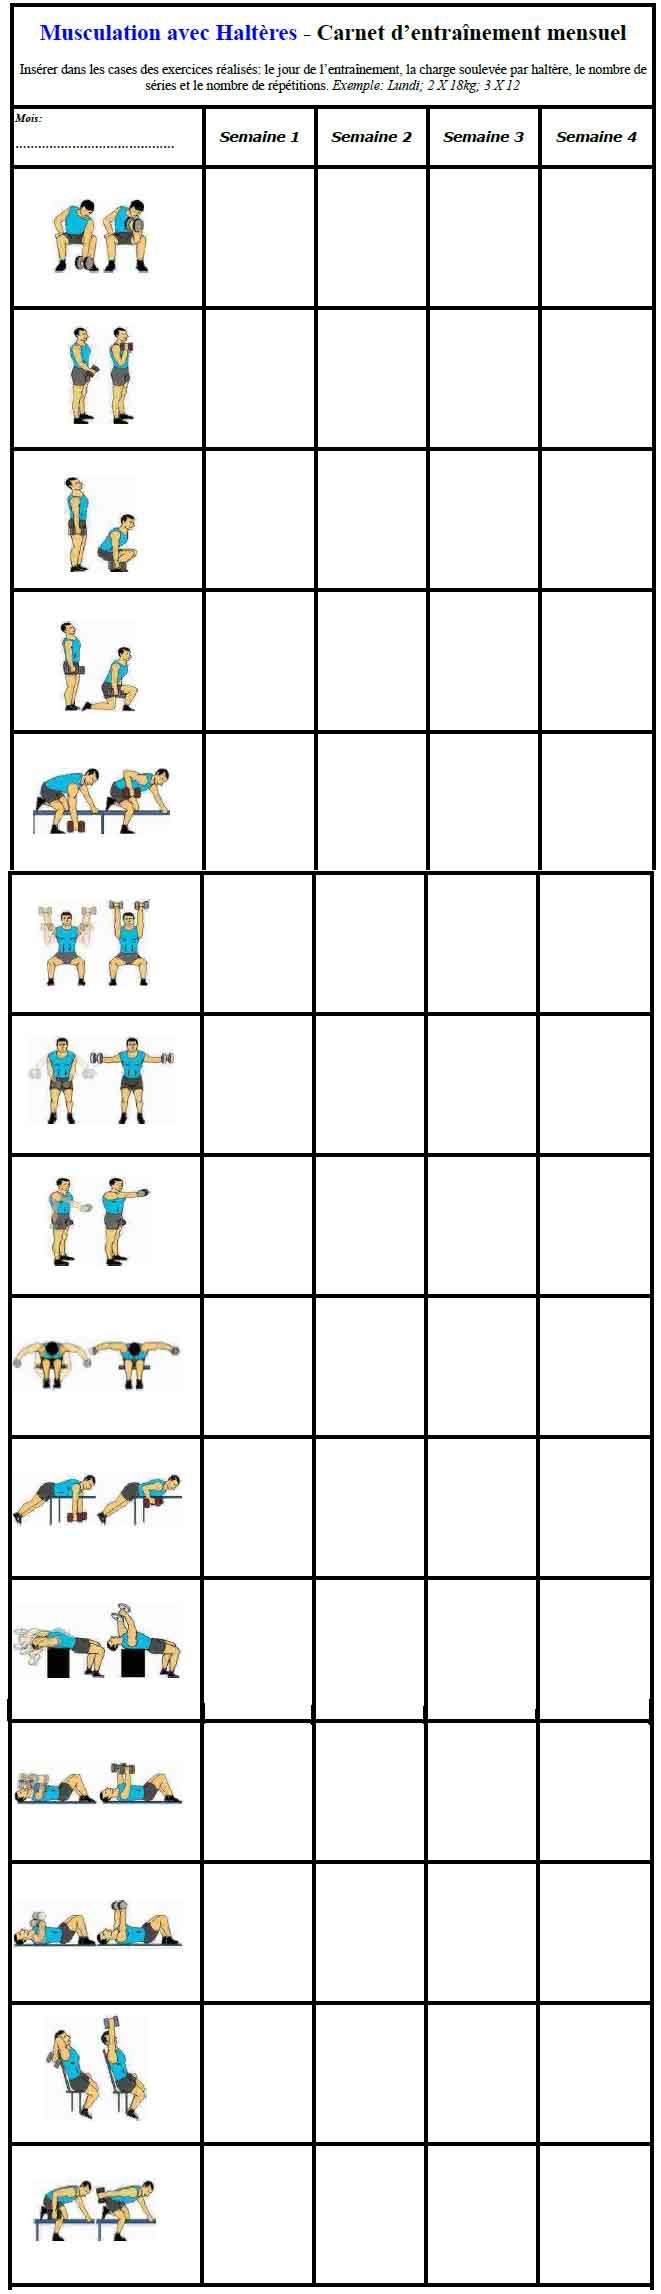 Musculation avec halt res exercices et programme - Exercice de musculation avec banc ...